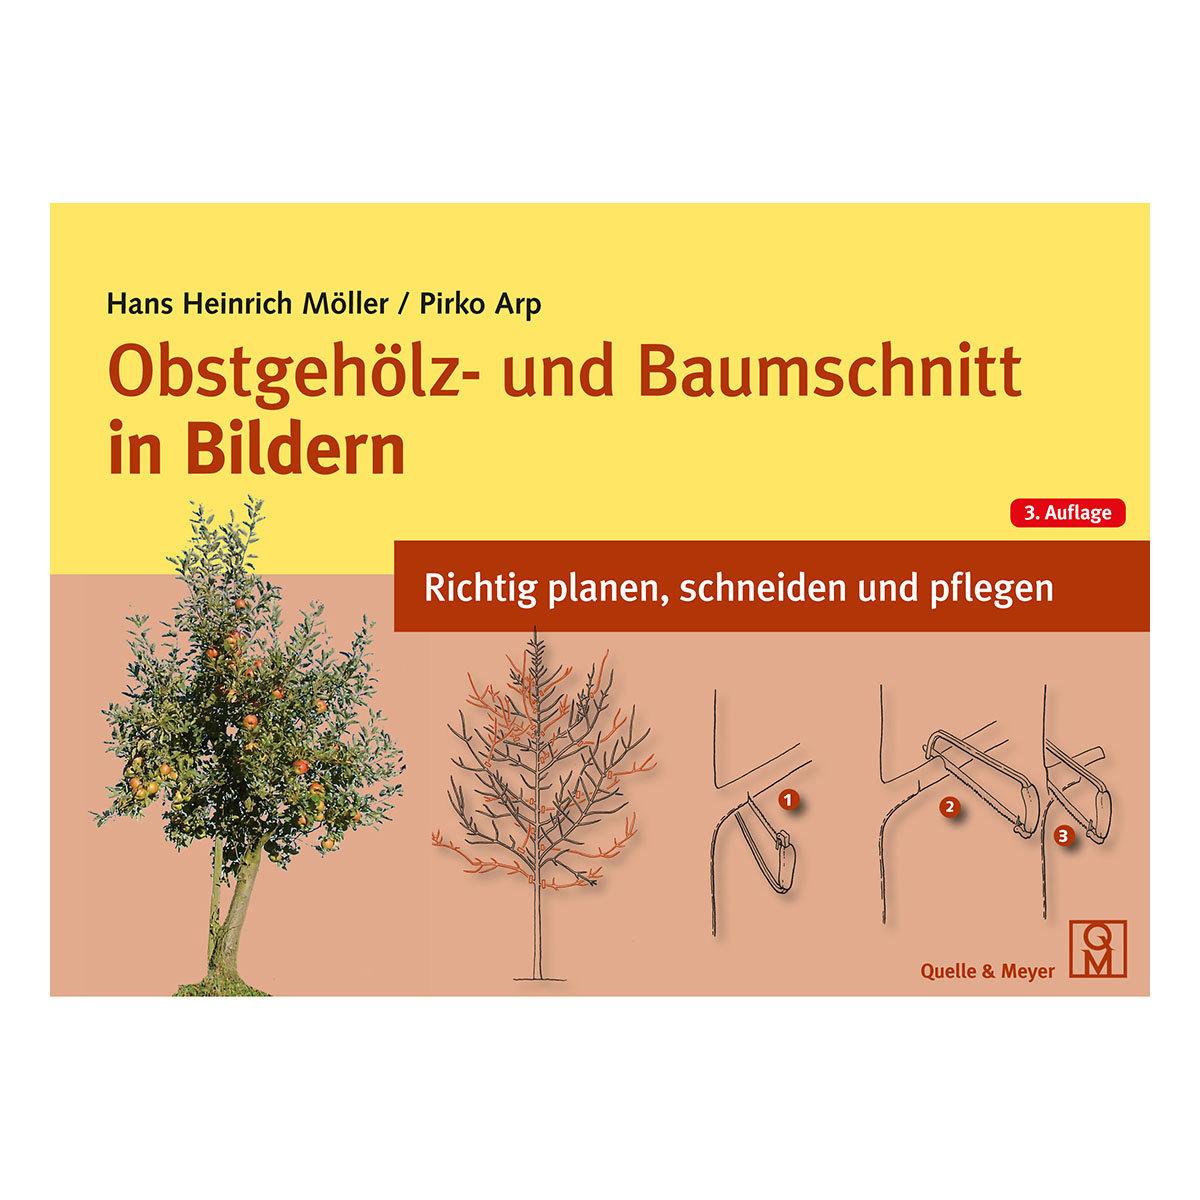 Obstgehölz- und Baumschnitt in Bildern - Richtig planen, schneiden und pflegen